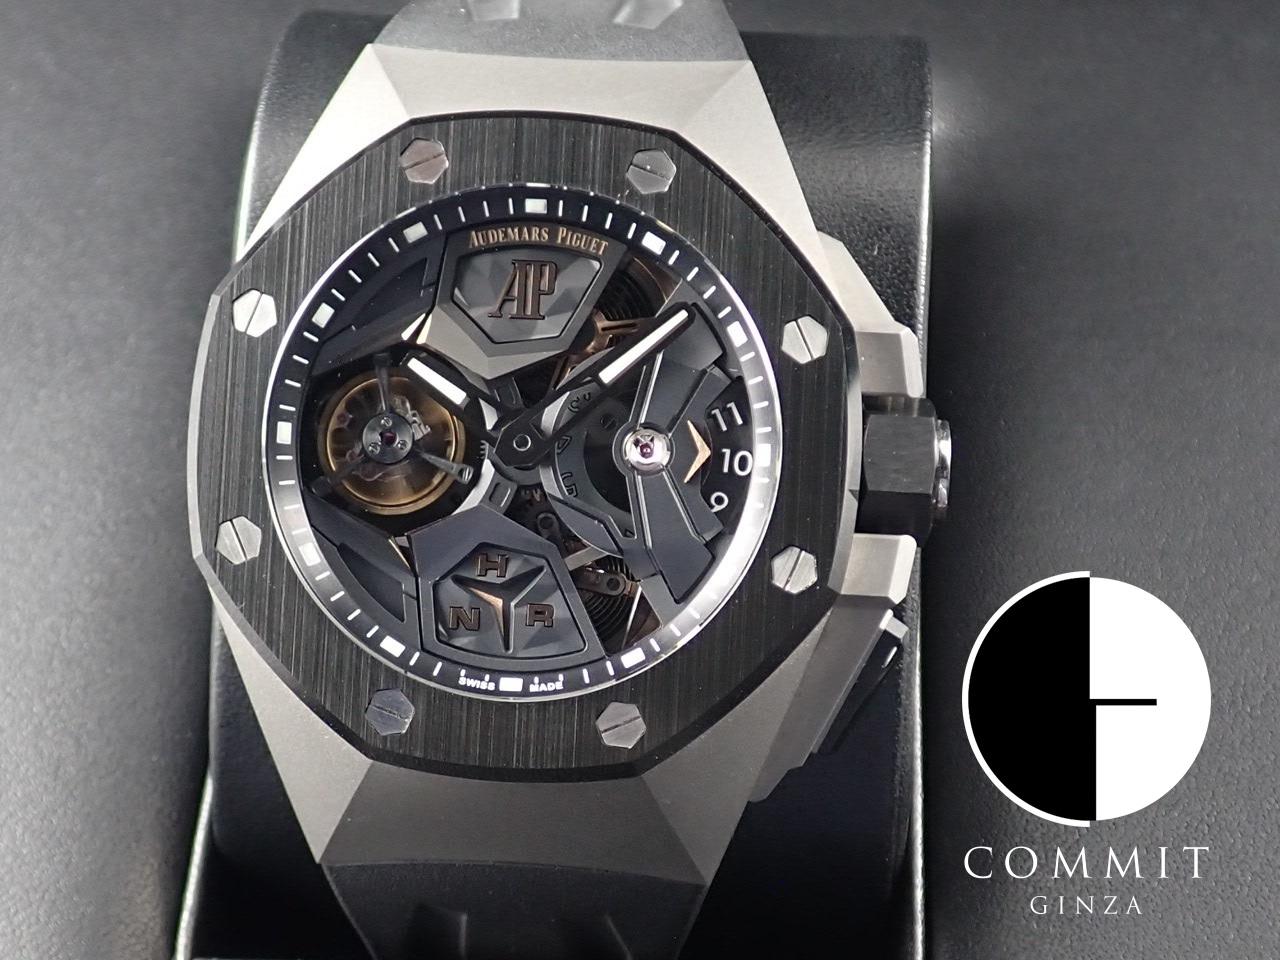 オーデマピゲ ロイヤルオーク コンセプト フライングトゥールビヨン GMT 【極美品】 ≪保証書・箱・その他≫